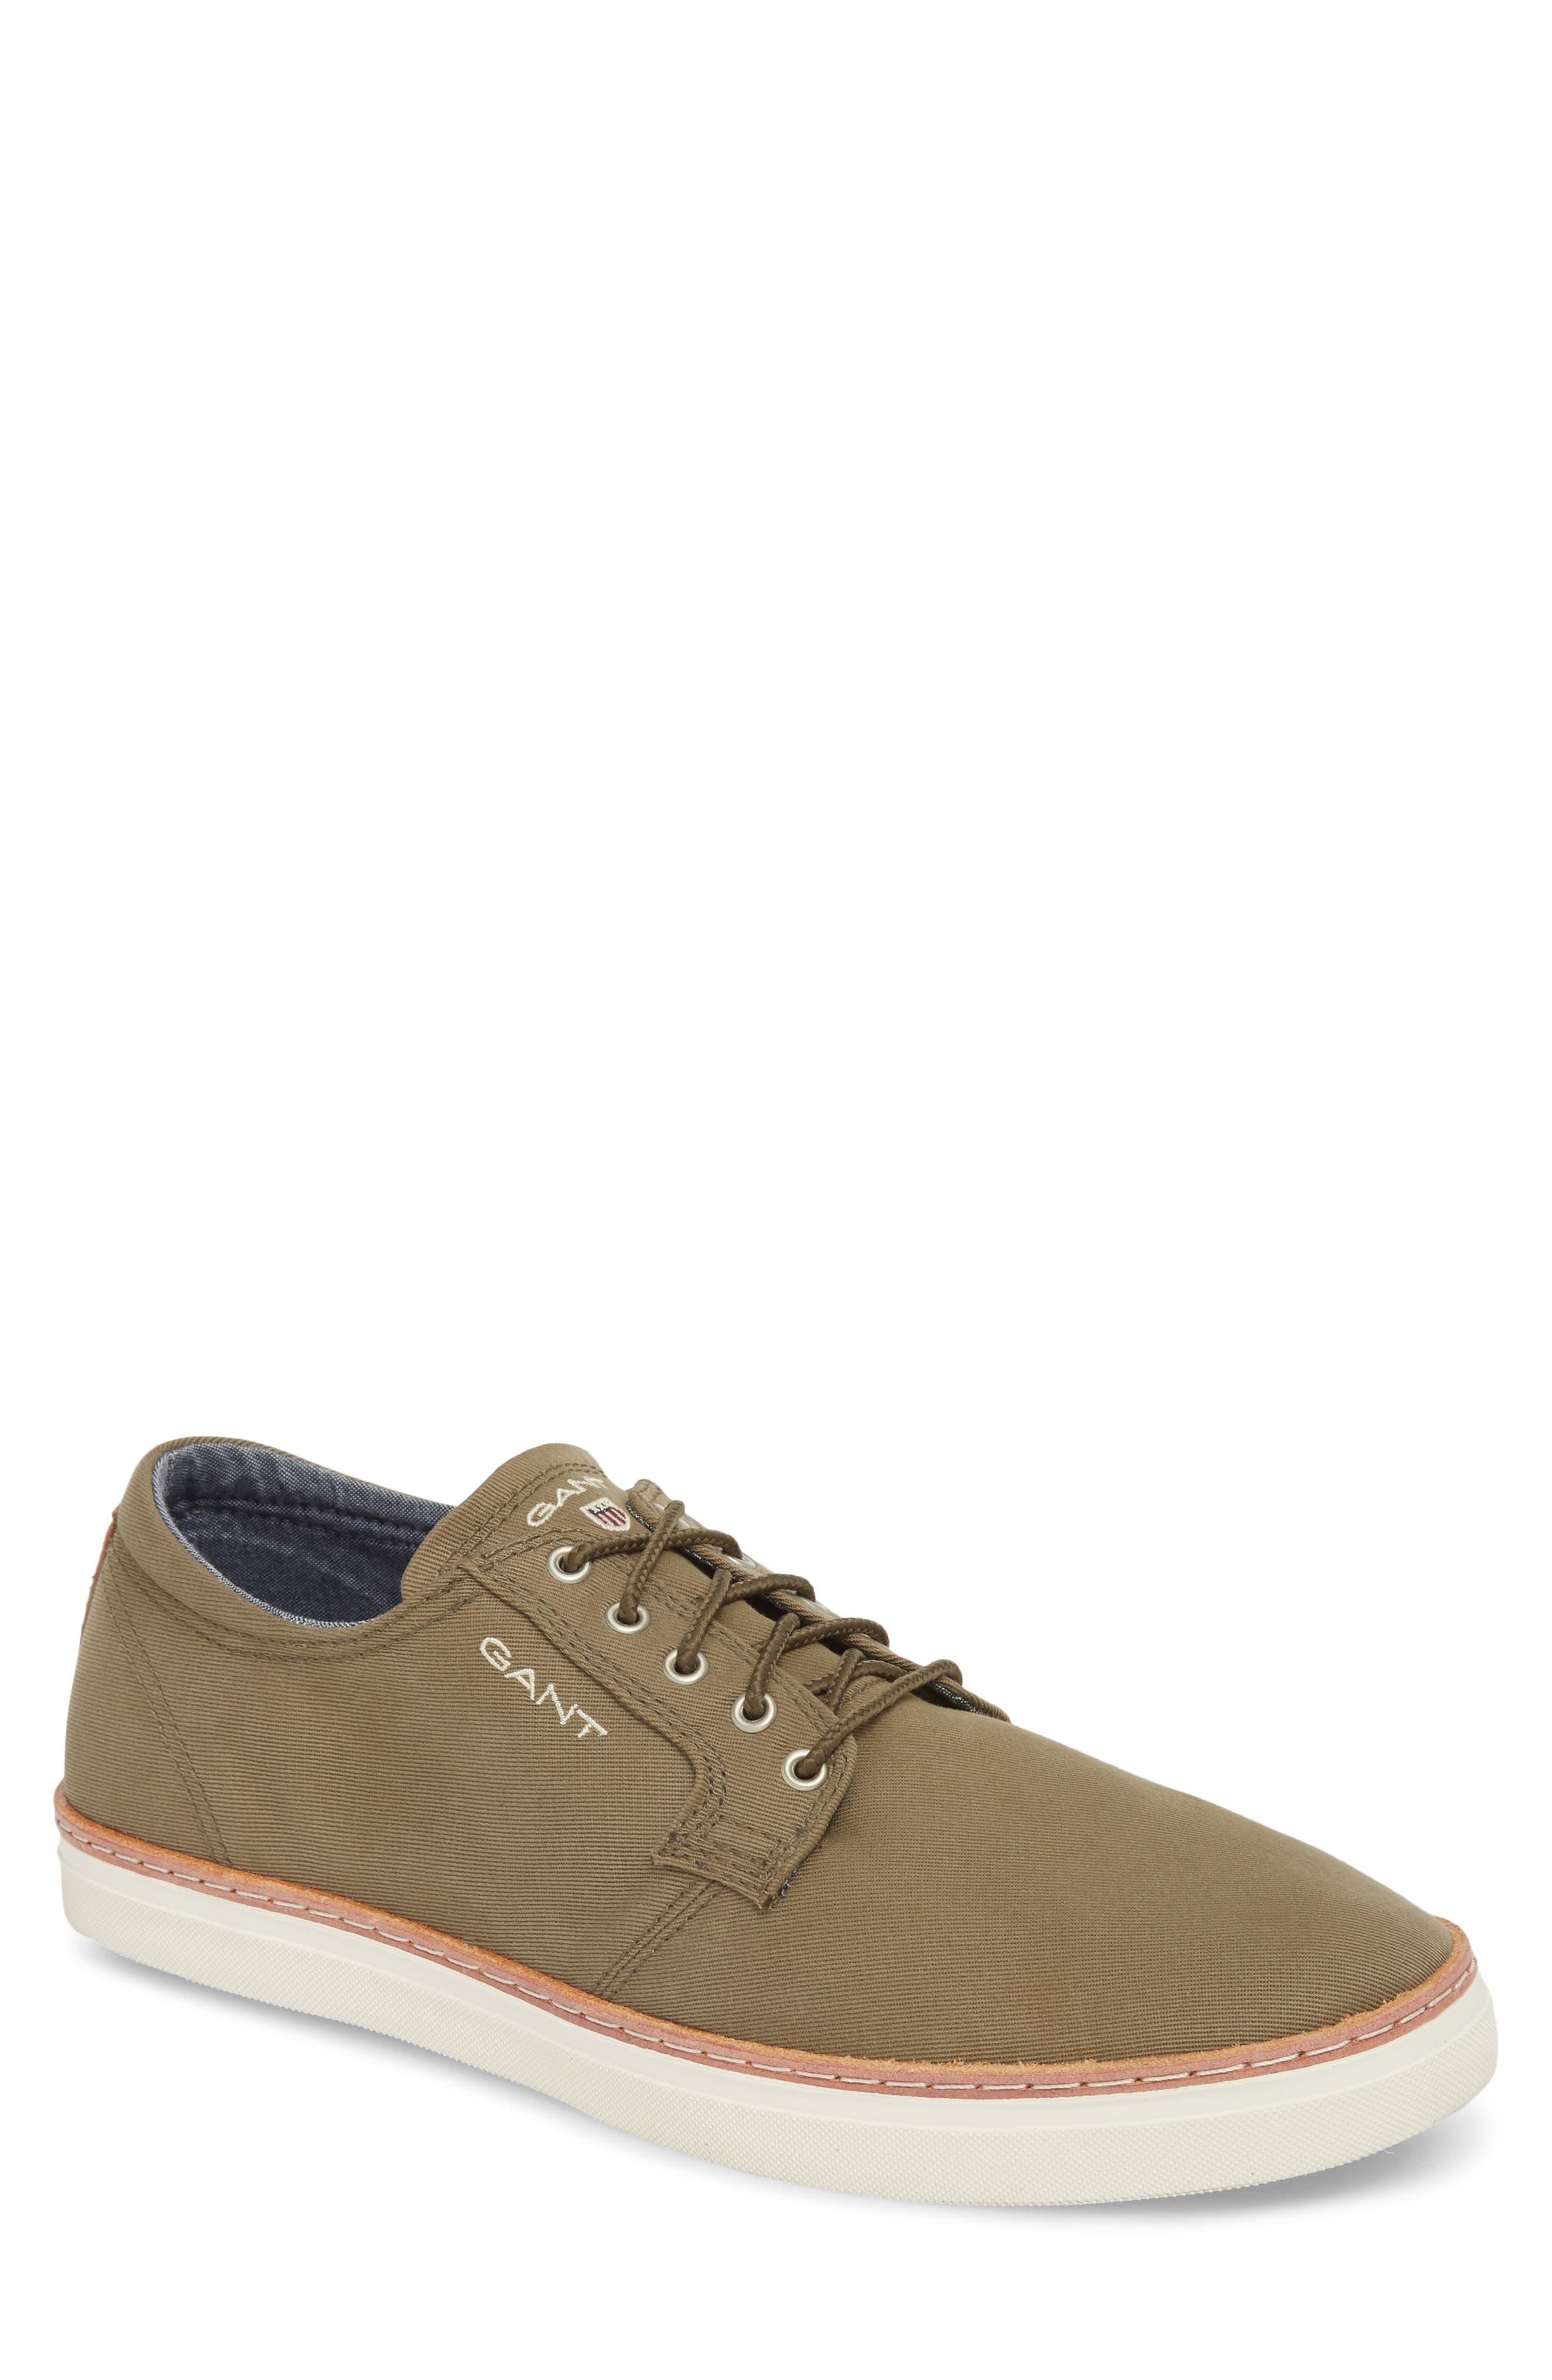 Bari Canvas Sneaker - Kalamata Green GANT Sh0OldfA7